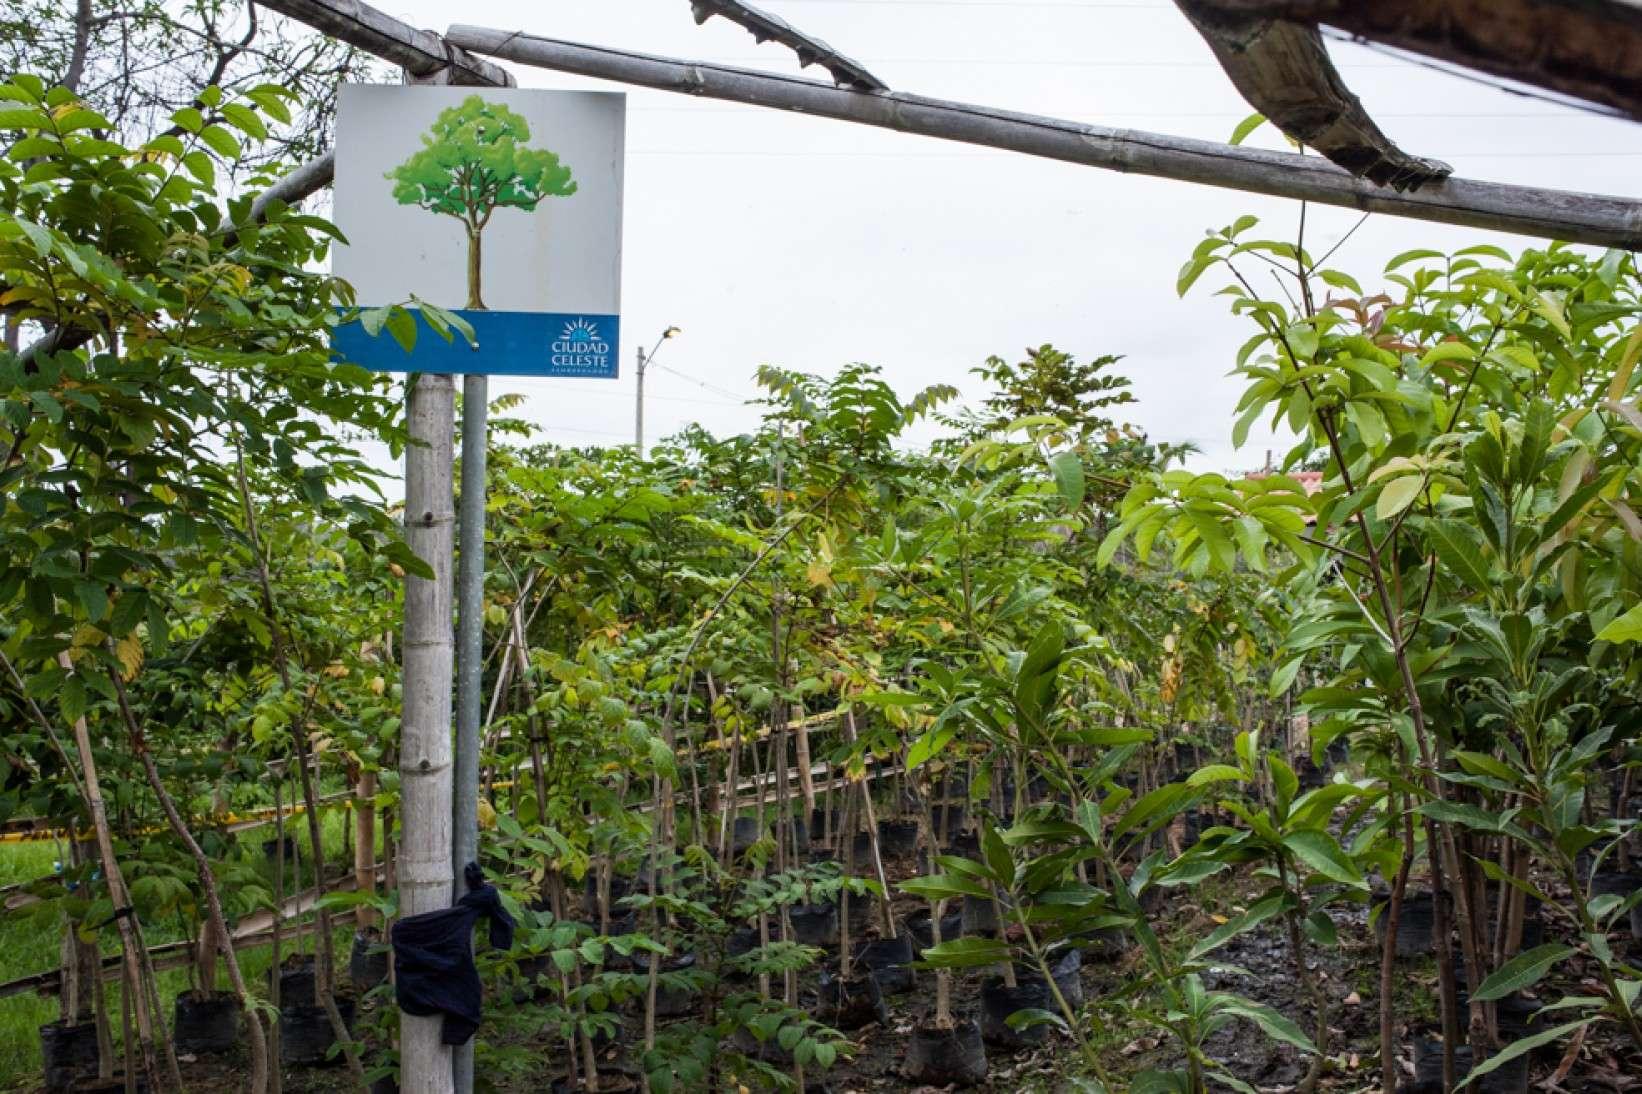 Las especies de árboles que reforestan Ciudad Celeste